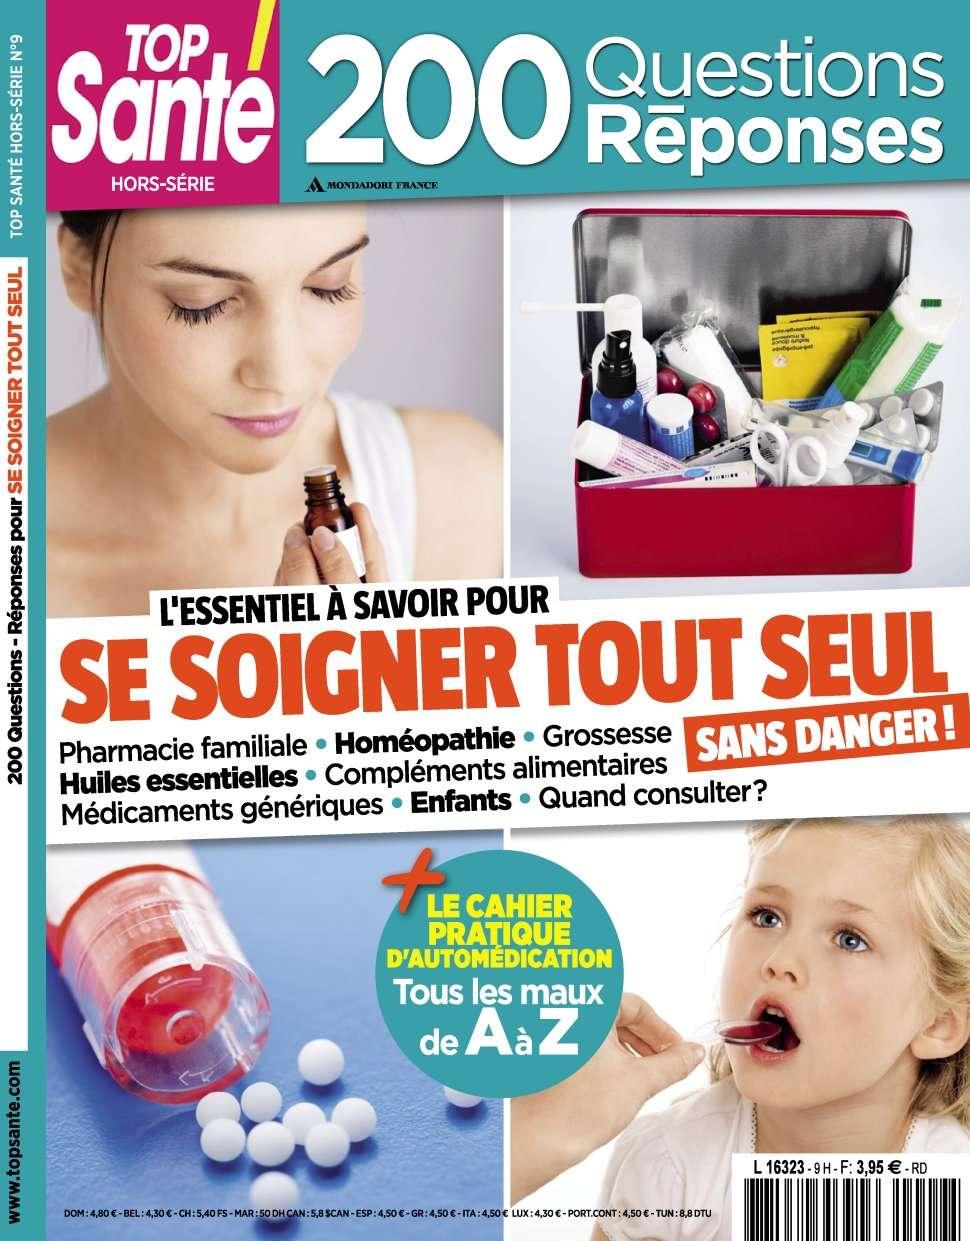 Top Santé Hors-Série 9 - sSe Soigner Tout Seul